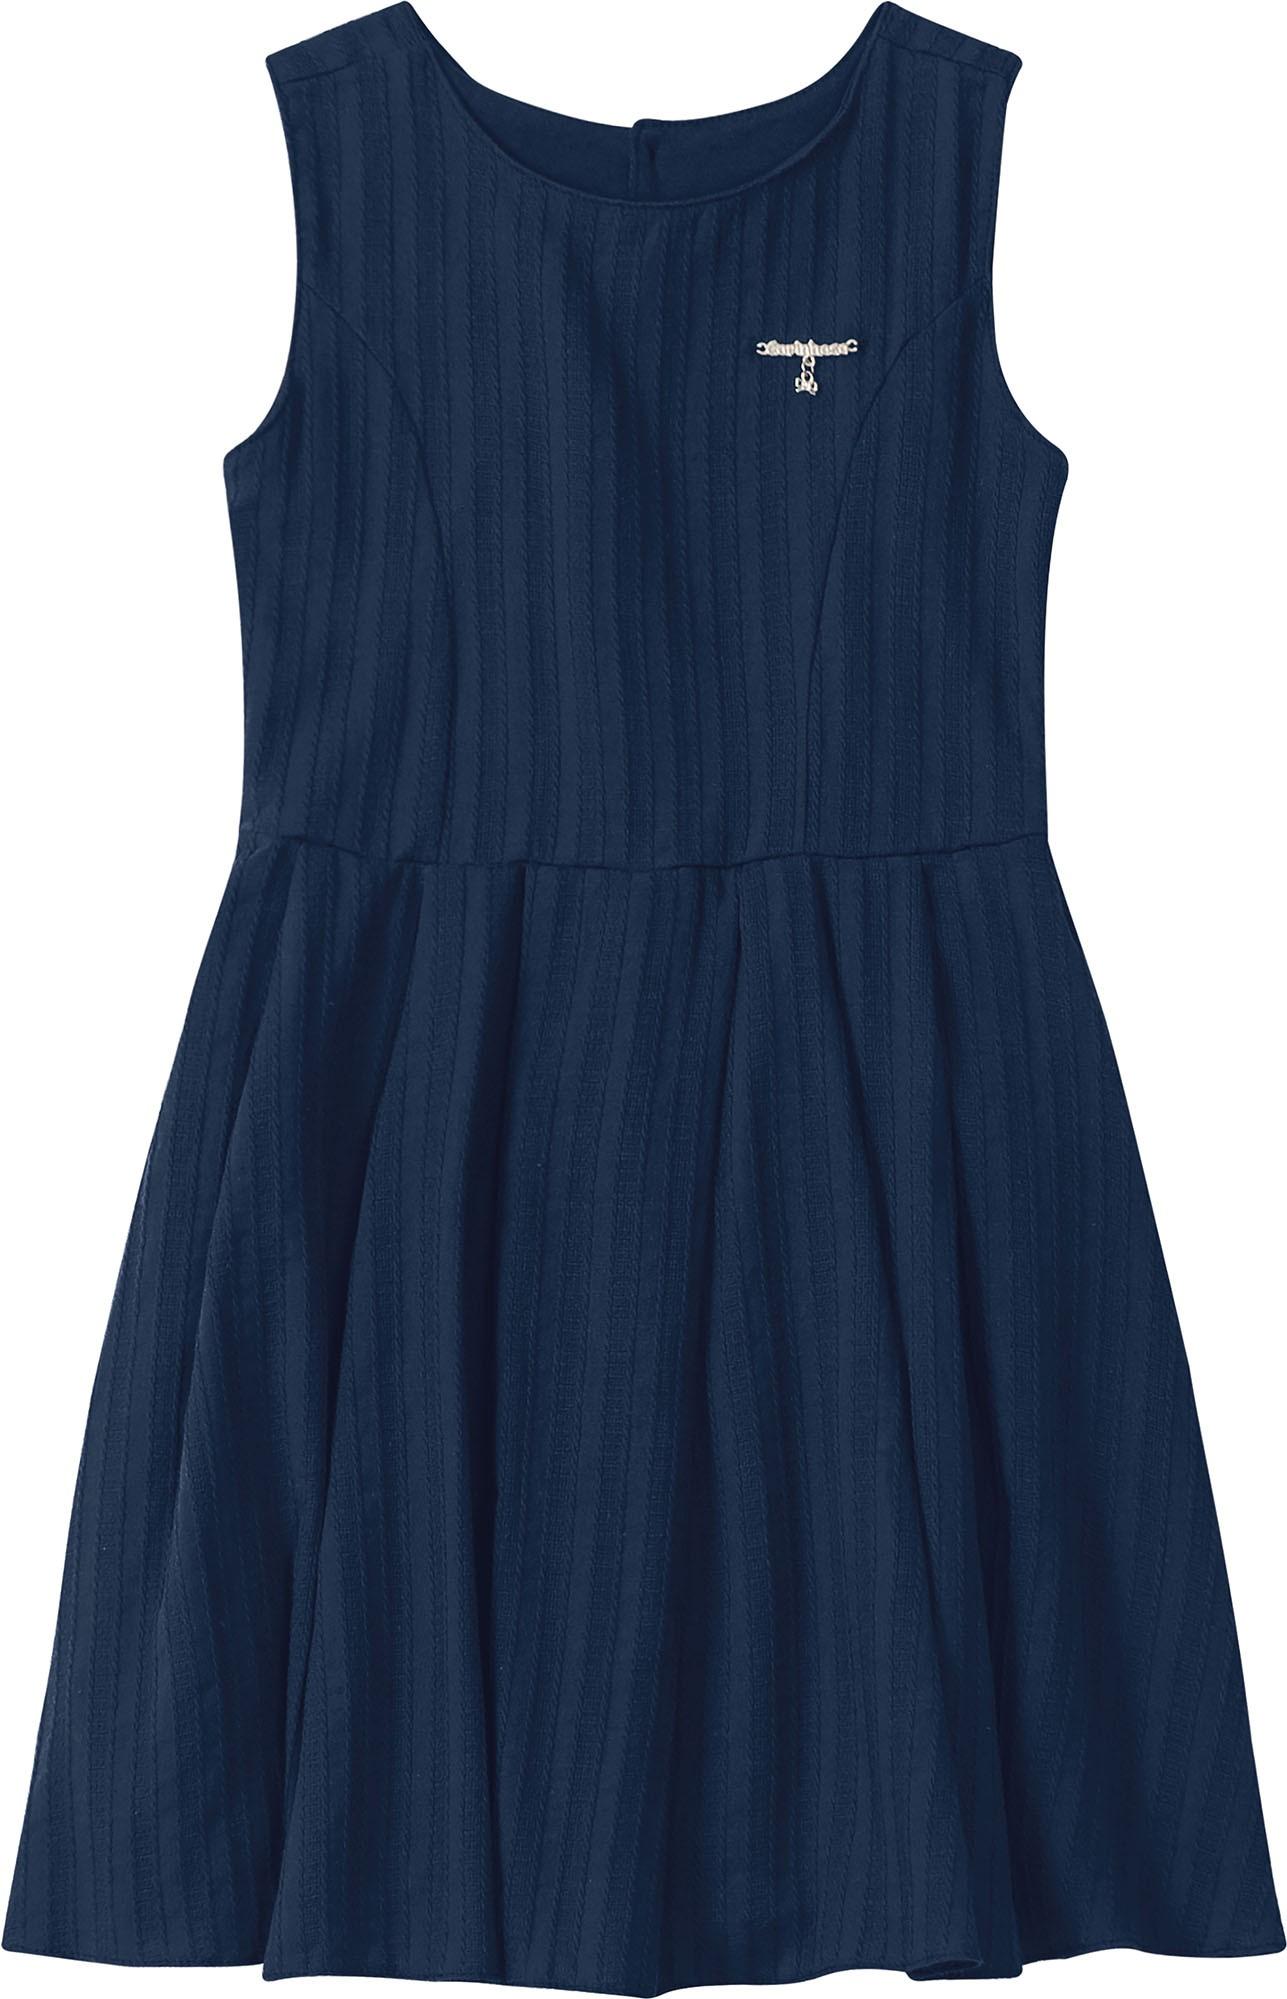 Vestido Curto regata Azul Marinho em Algodão - Tam 01 a 03 anos